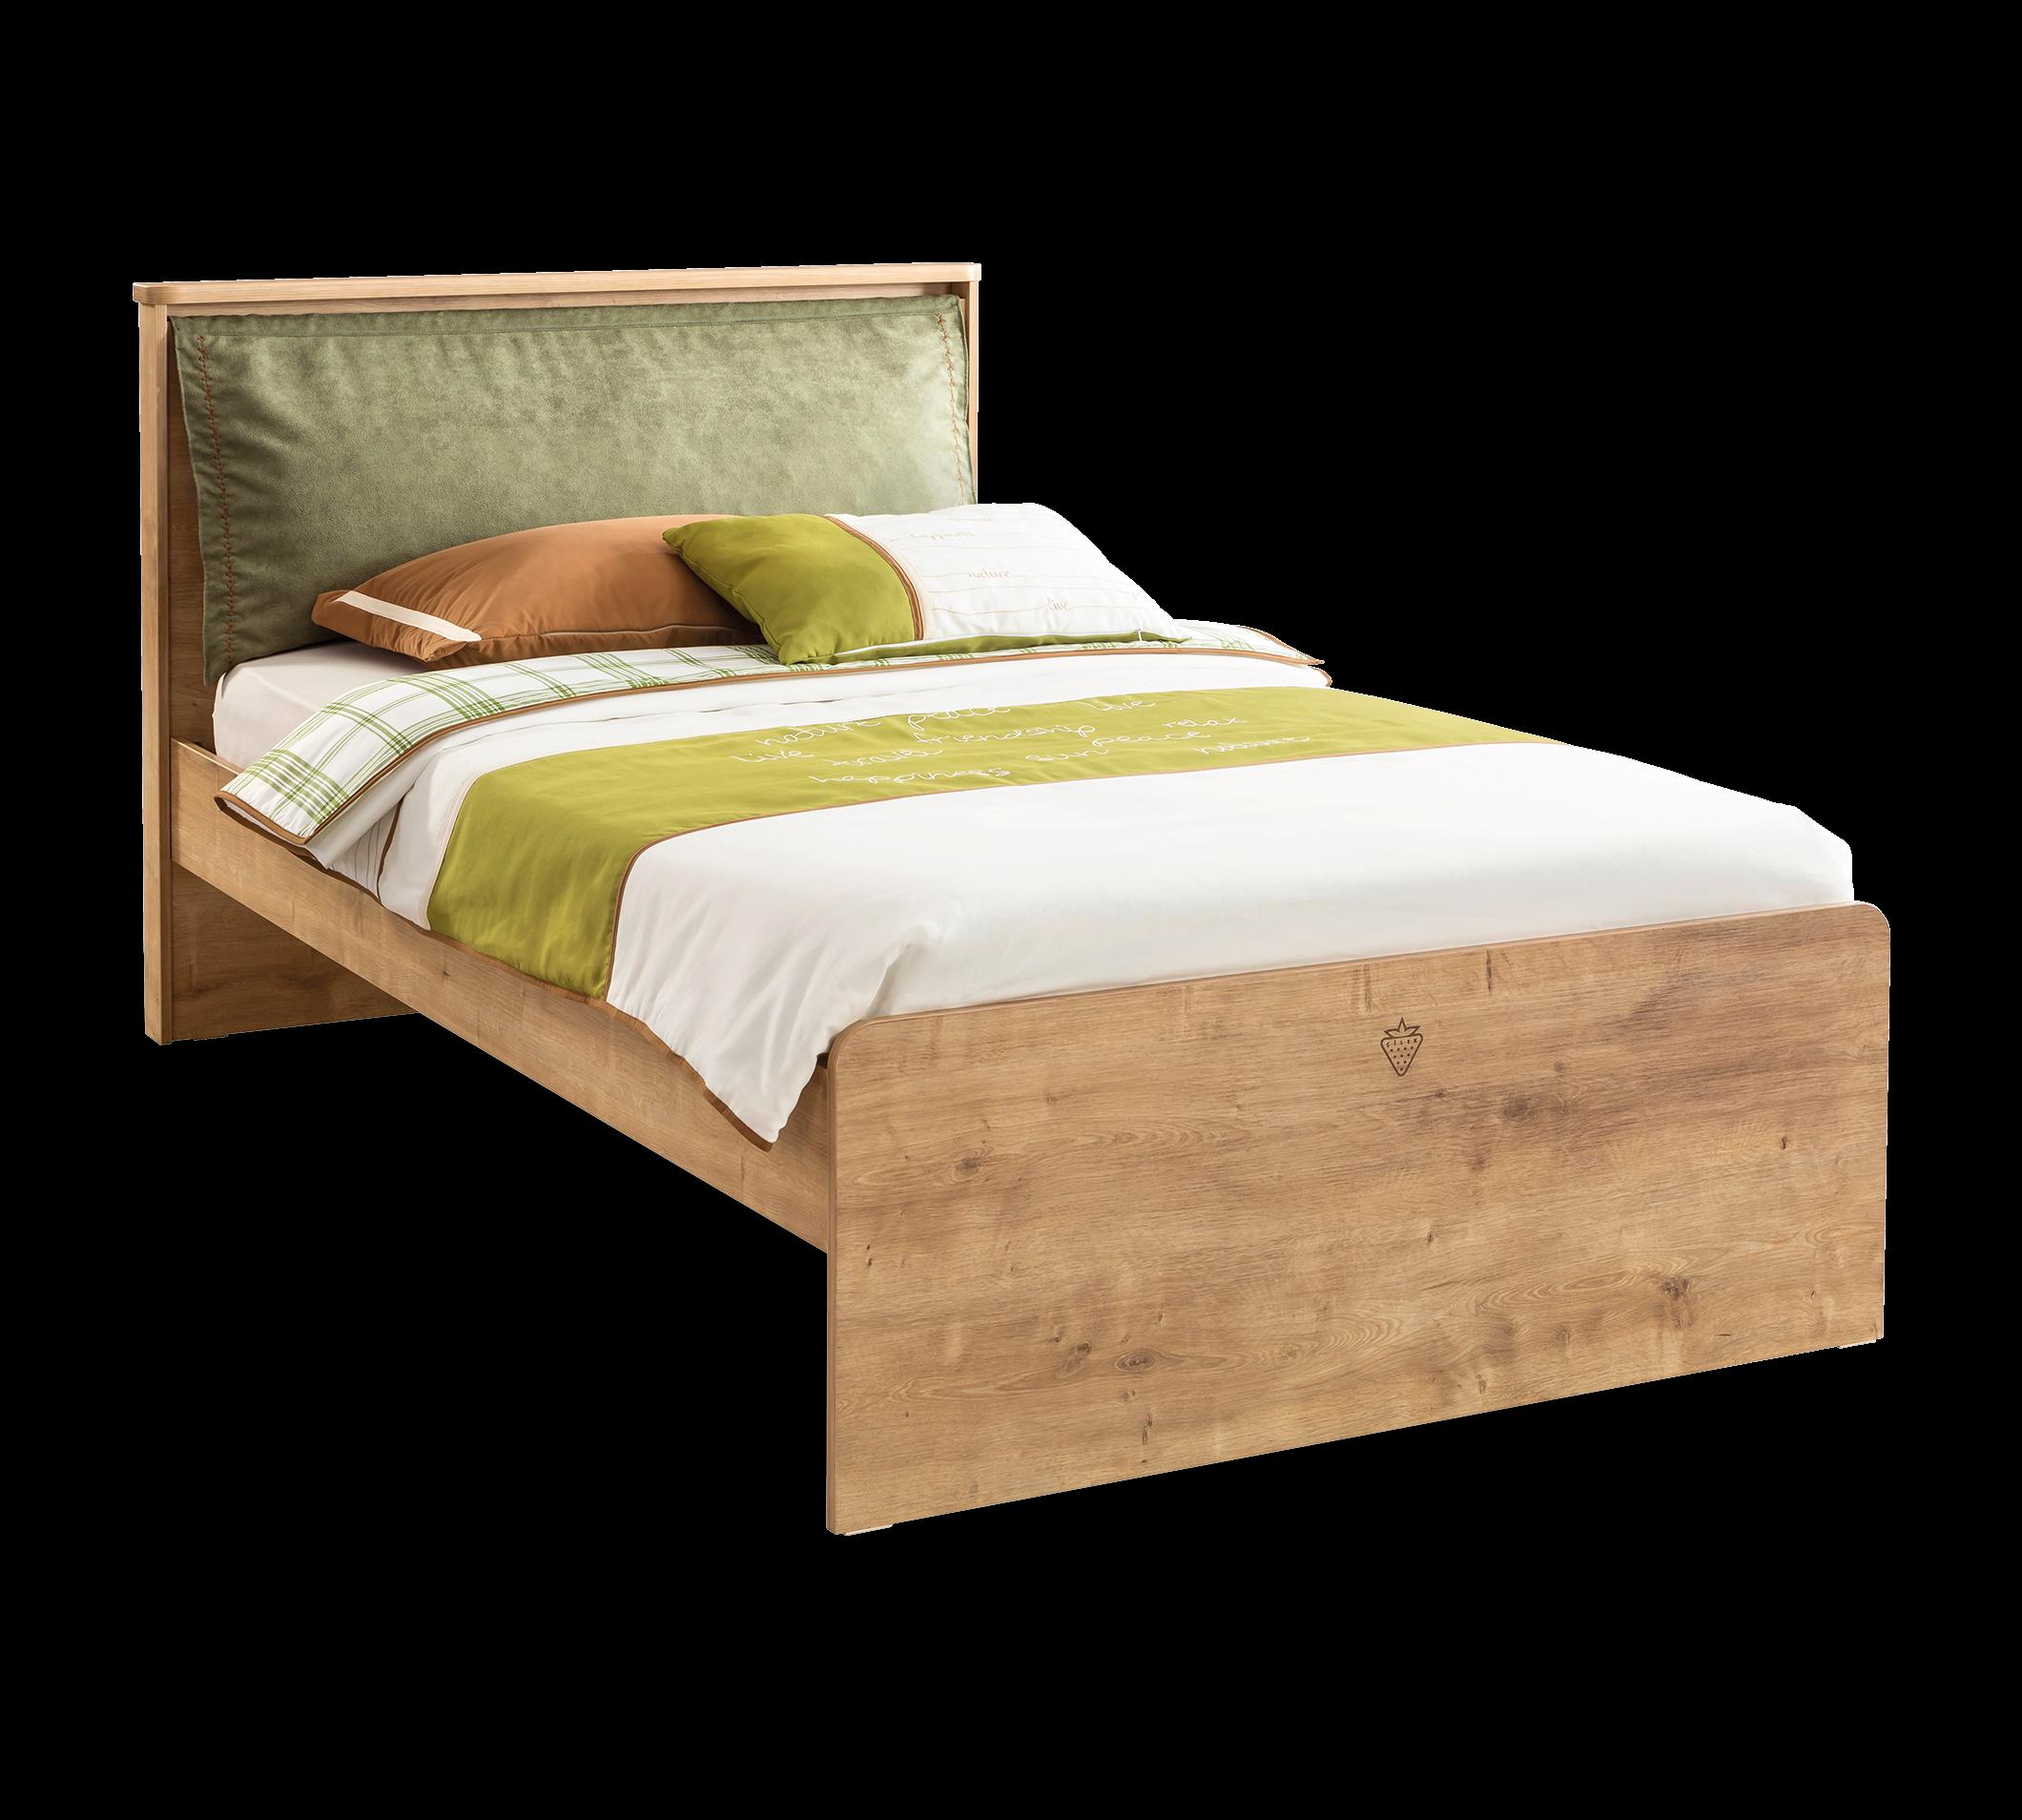 Full Size of Cilek Mocha Bett 120x200 Weiß Mit Matratze Und Lattenrost Bettkasten Betten Wohnzimmer Bettgestell 120x200